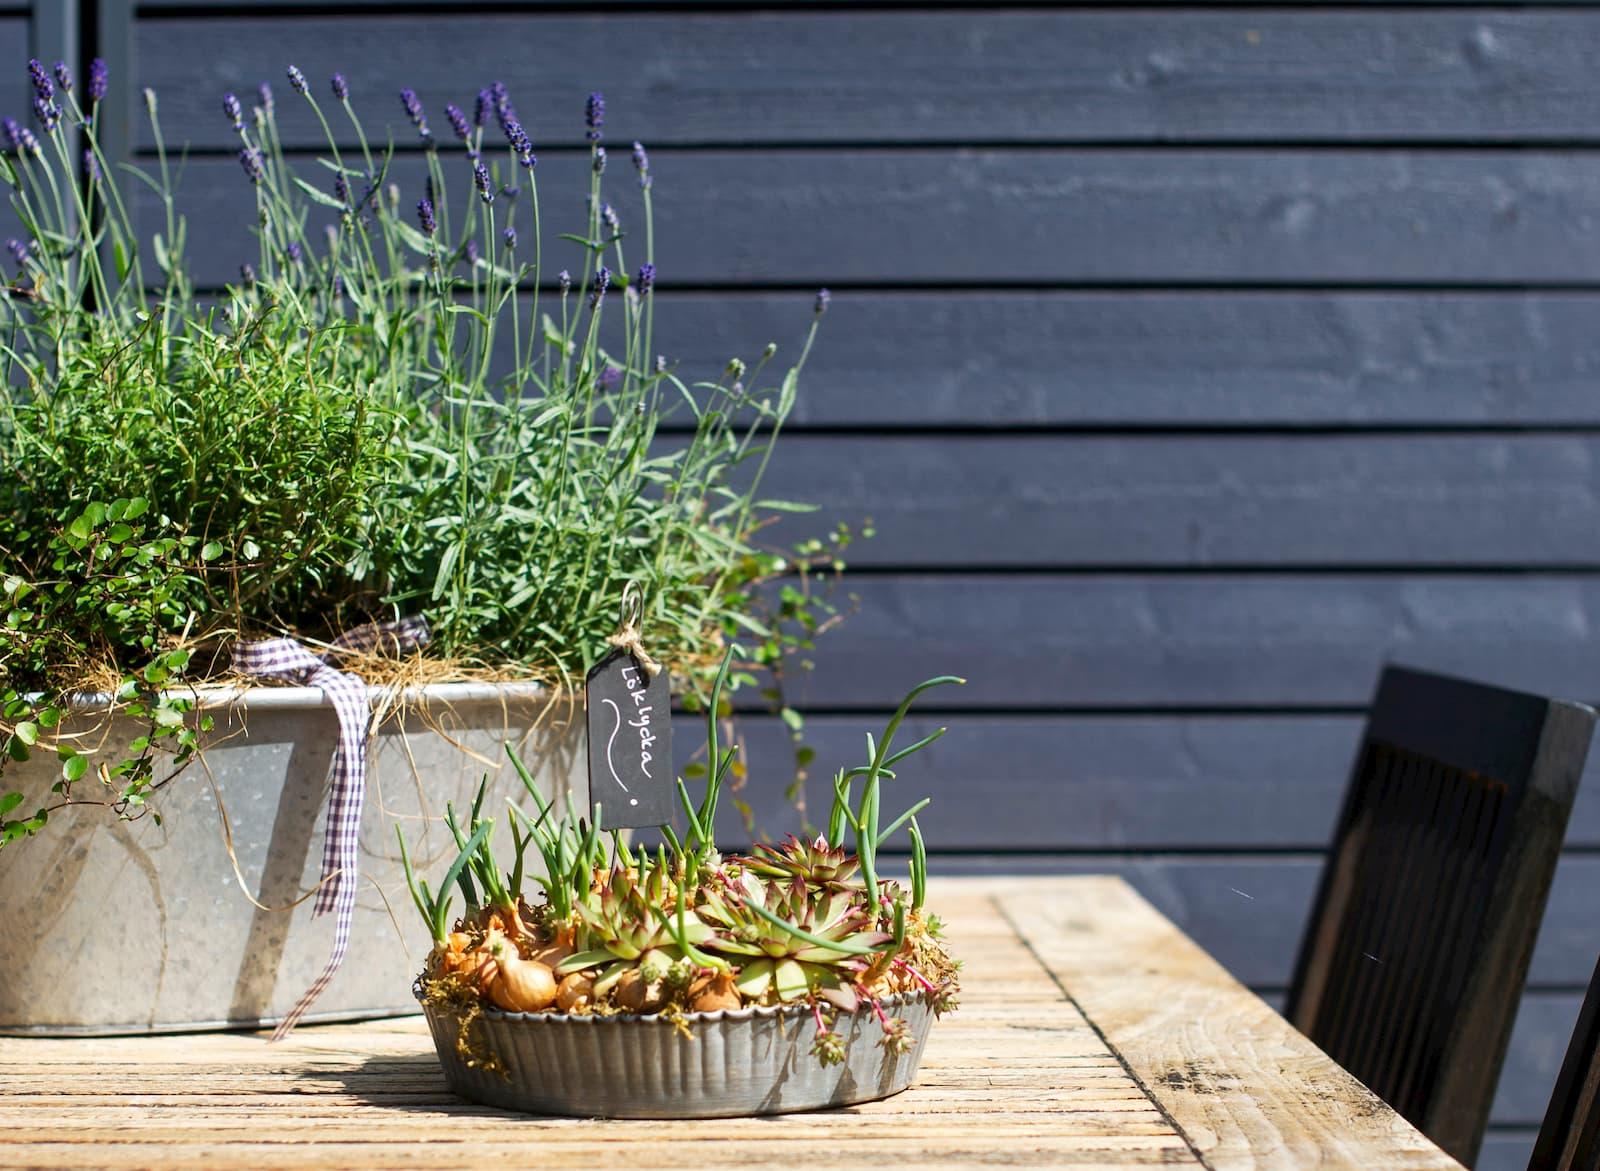 kuvassa pöytä ulkona kesällä